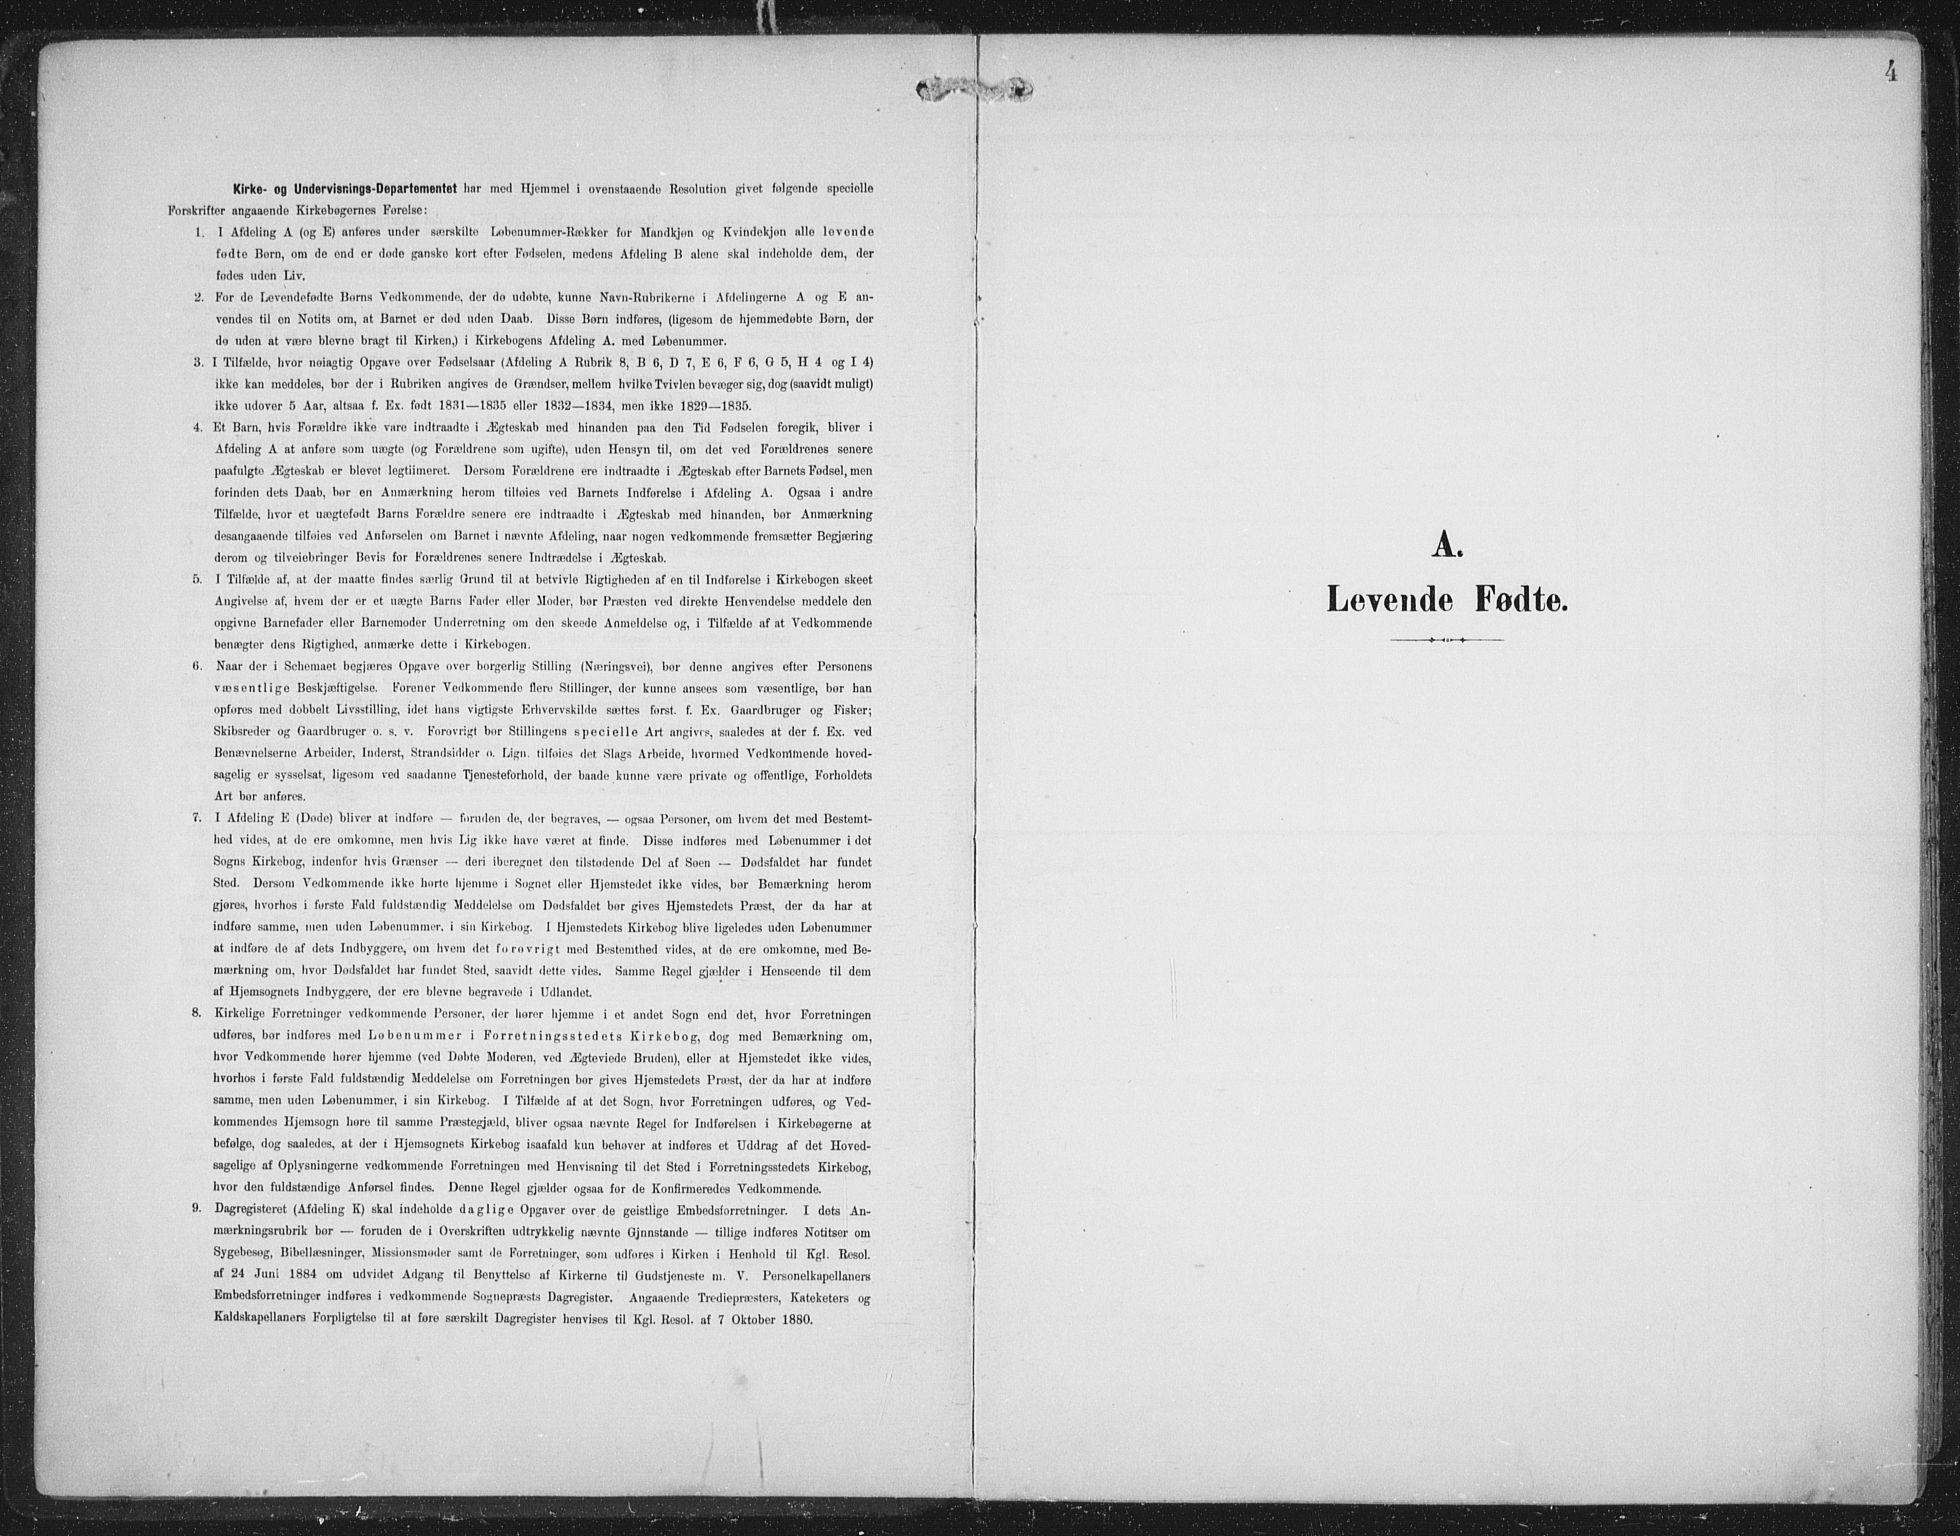 SAT, Ministerialprotokoller, klokkerbøker og fødselsregistre - Nord-Trøndelag, 701/L0011: Ministerialbok nr. 701A11, 1899-1915, s. 4